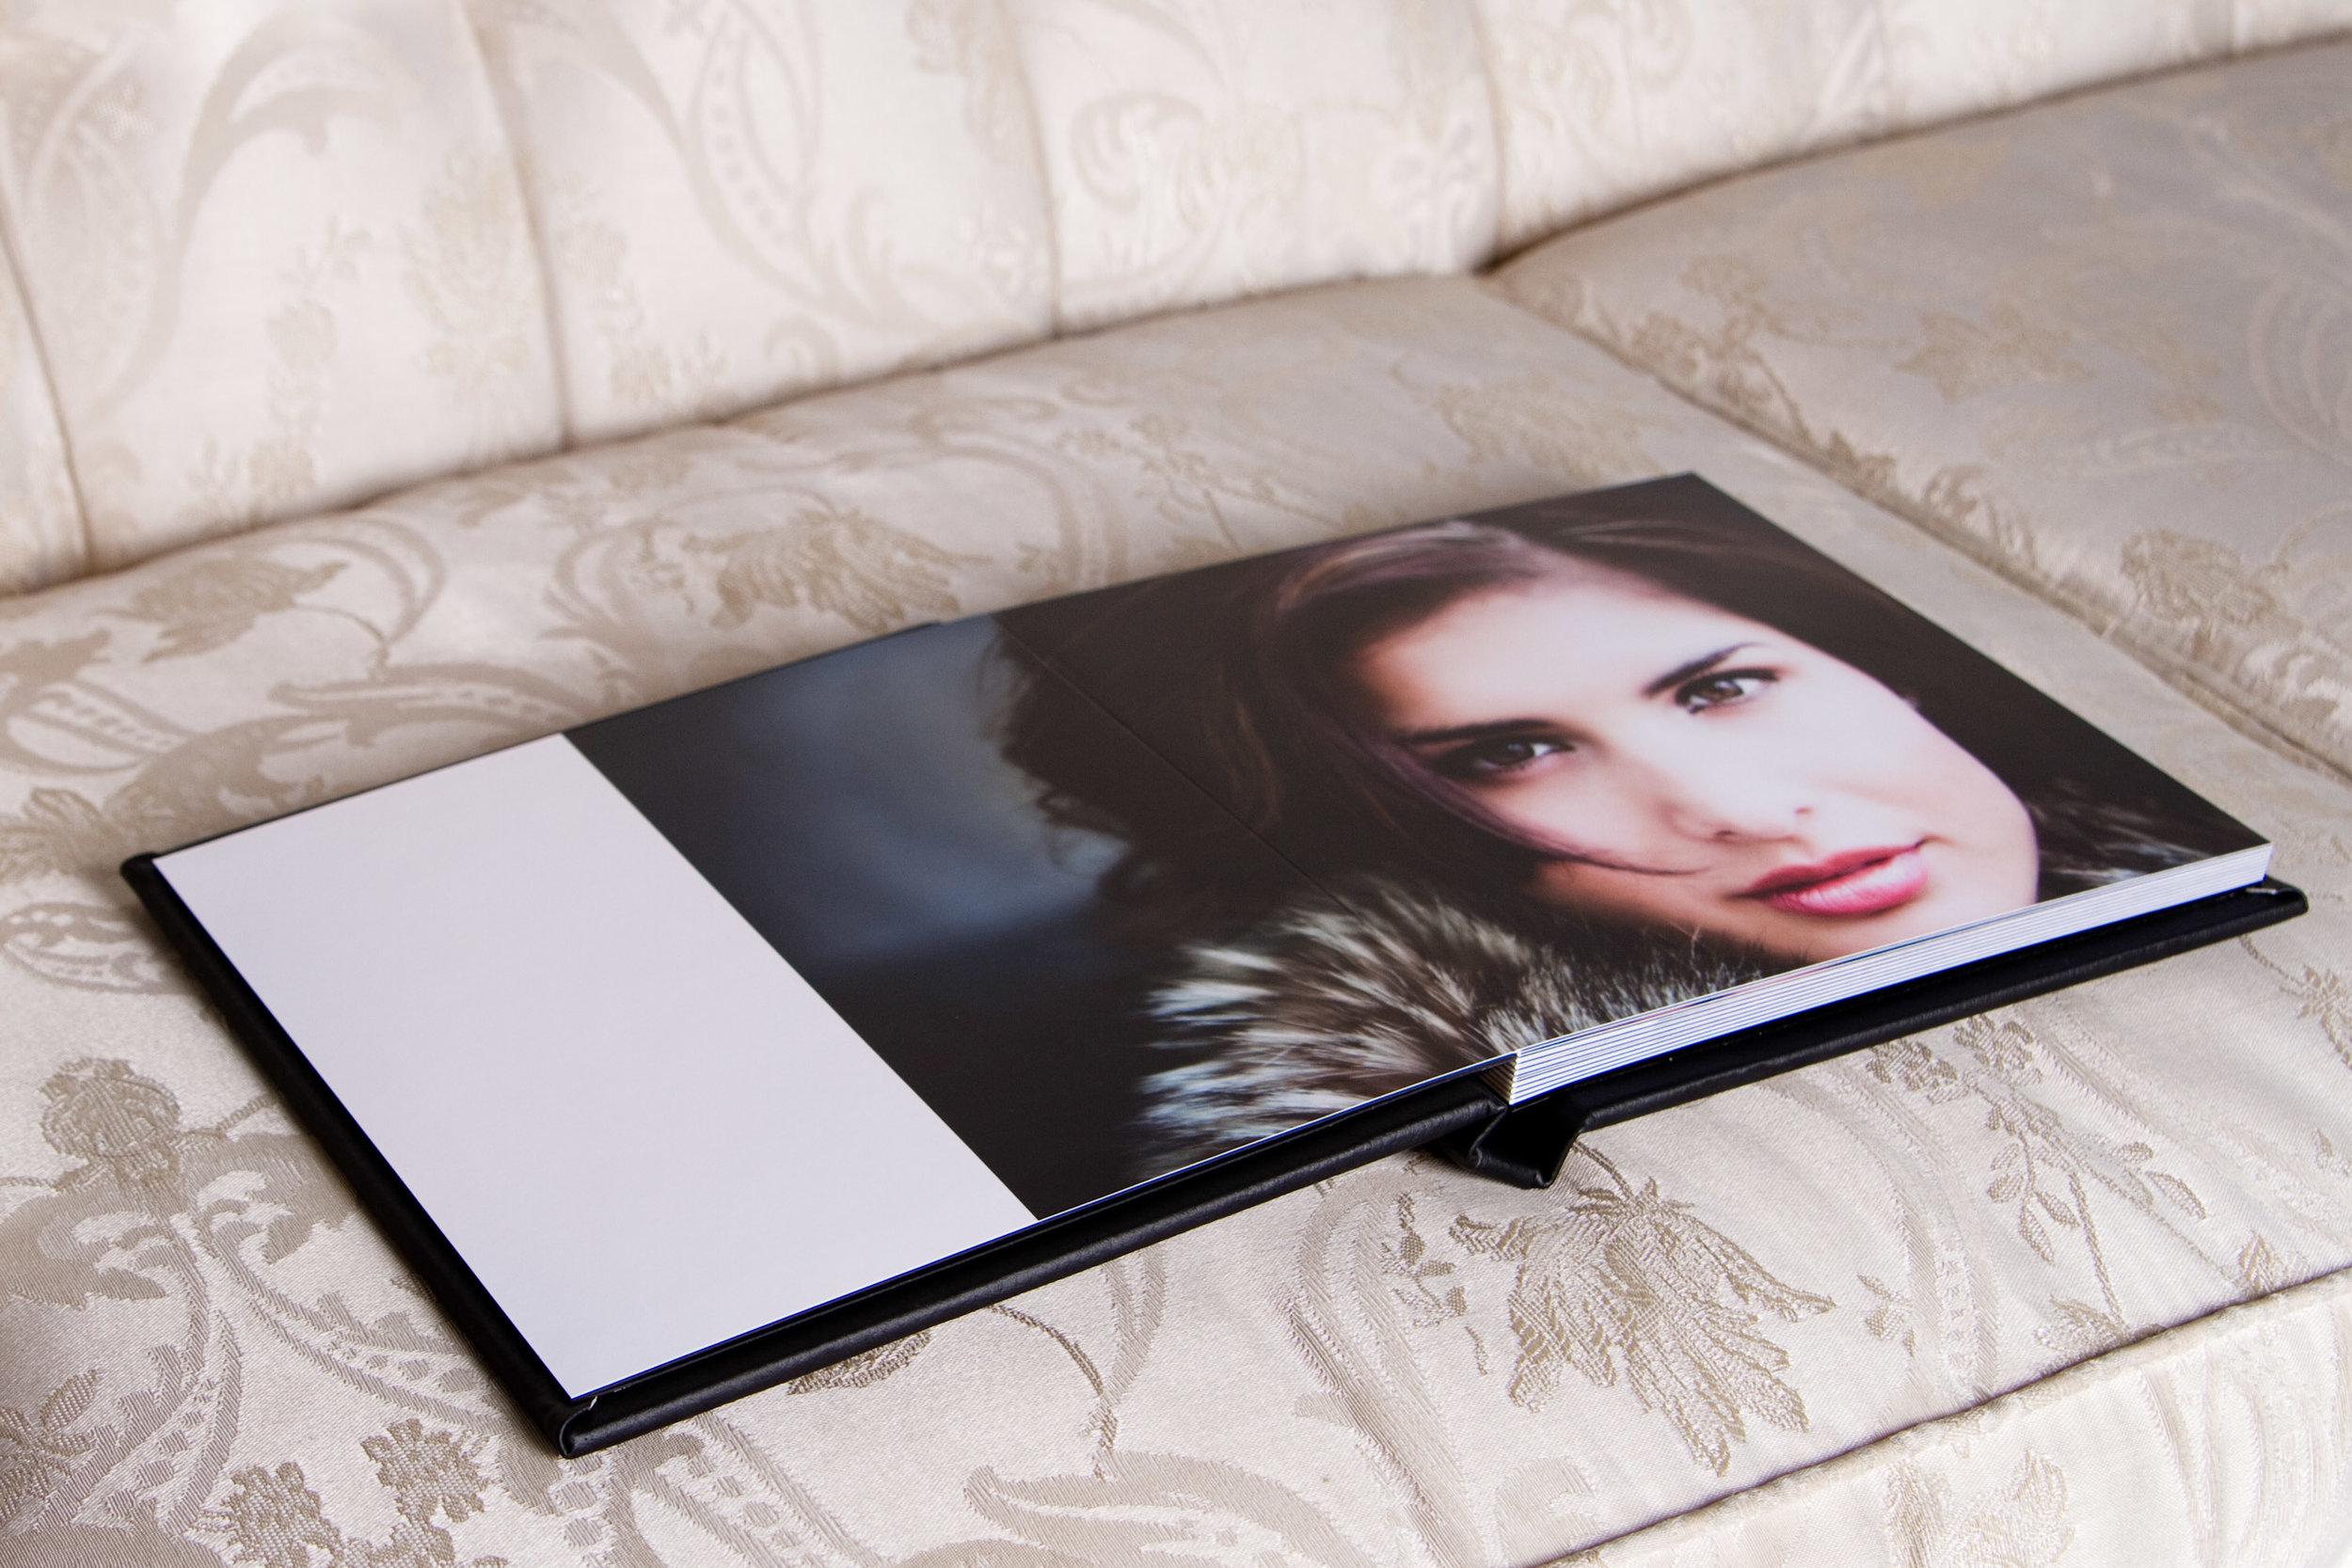 black leather album